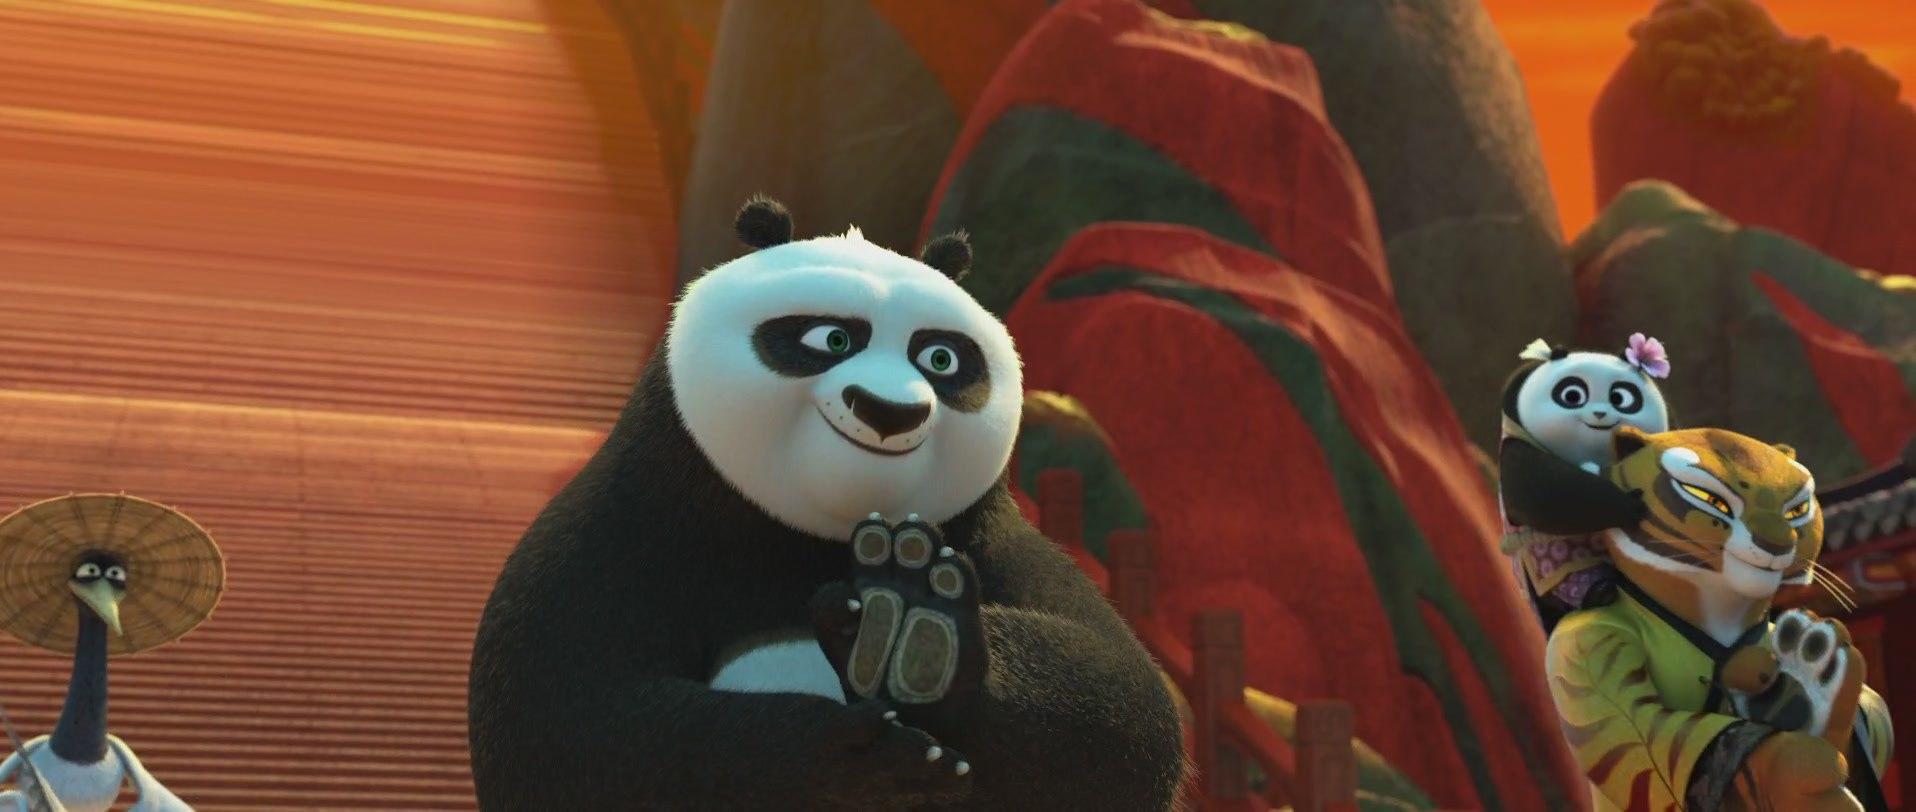 лучшие скриншоты с мультфильма панда кунг-фу 3